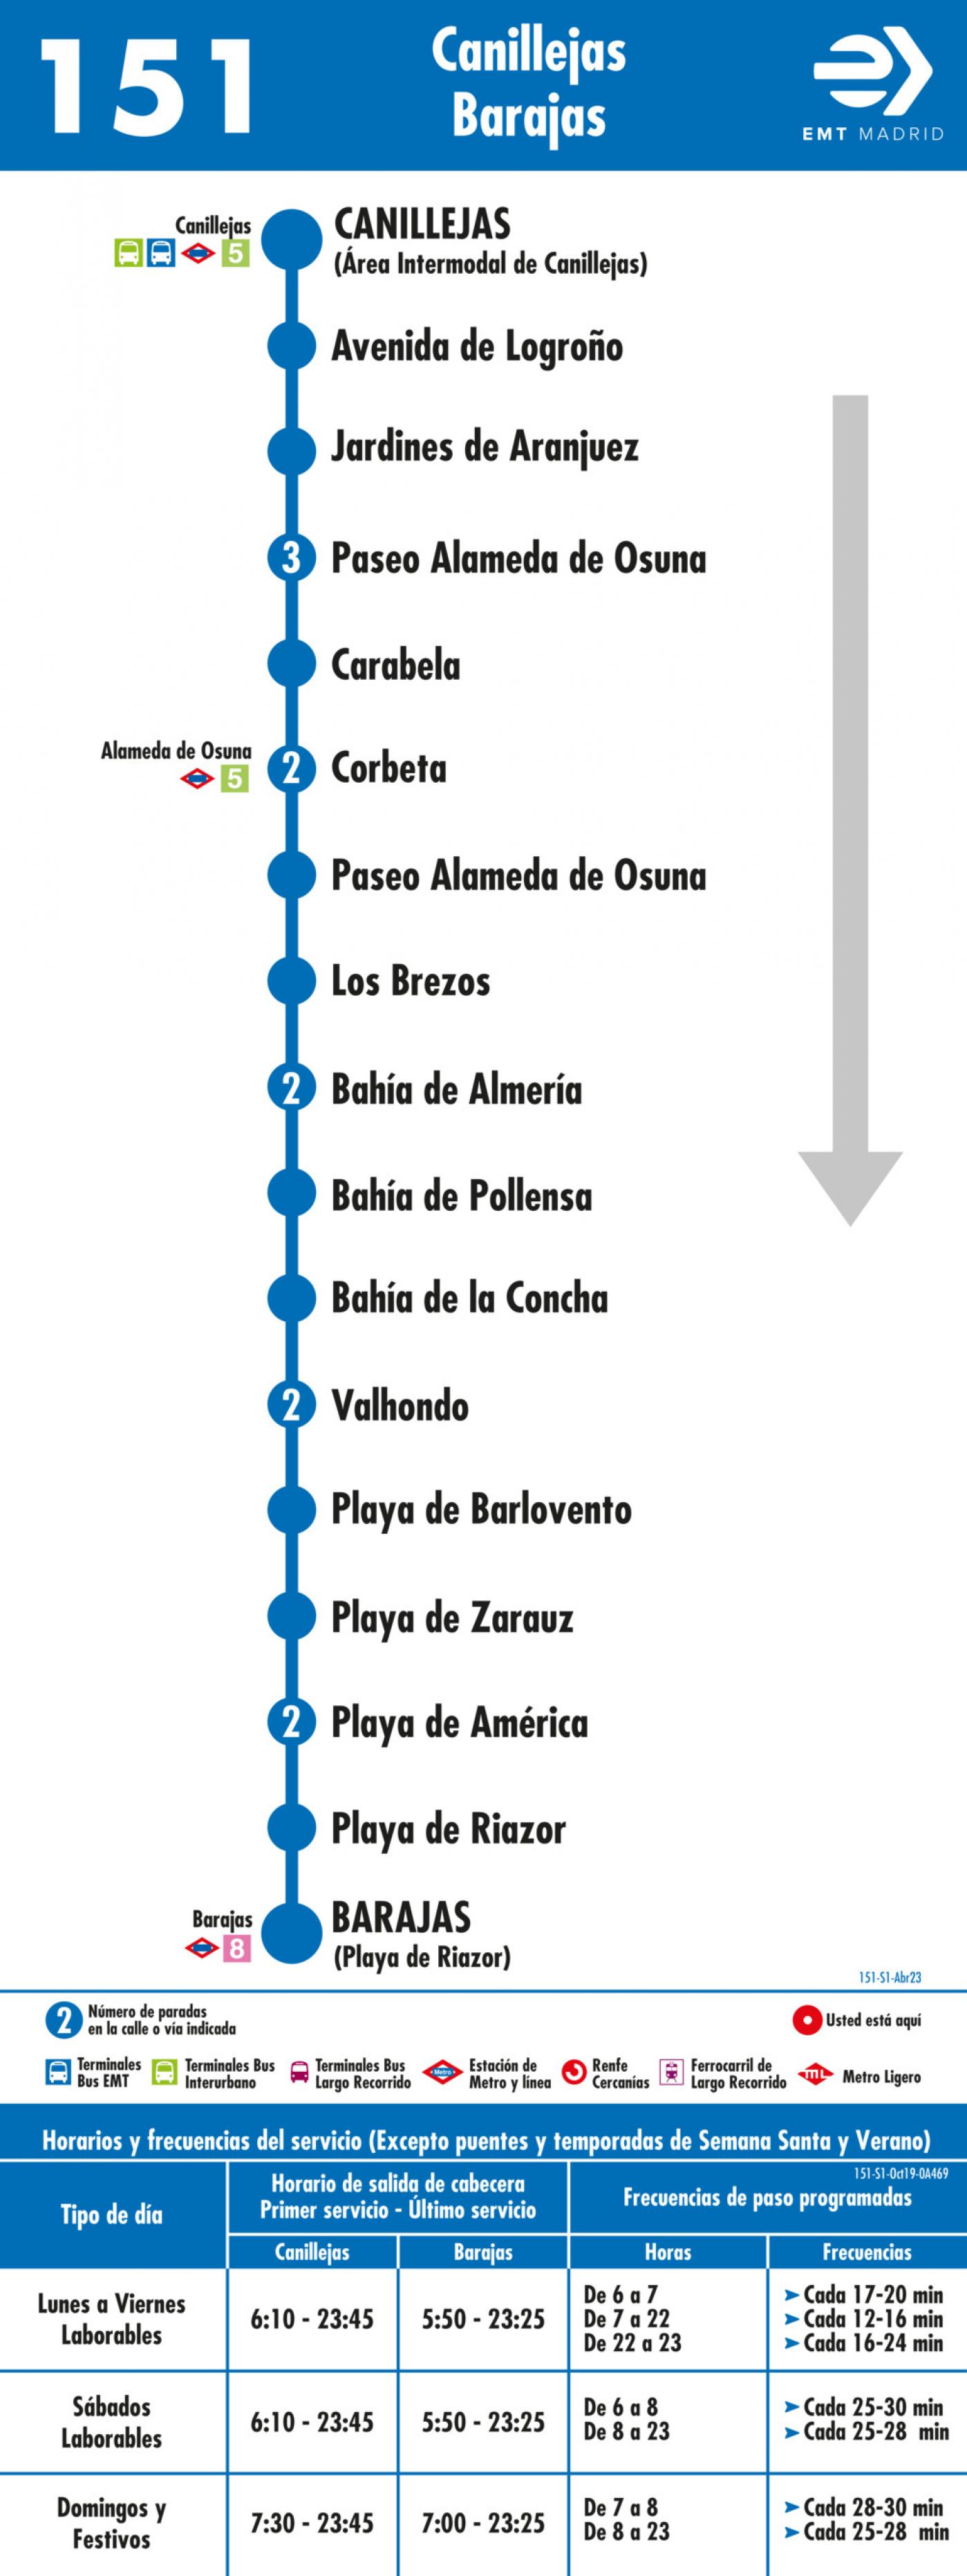 Tabla de horarios y frecuencias de paso en sentido ida Línea 151: Canillejas - Barajas